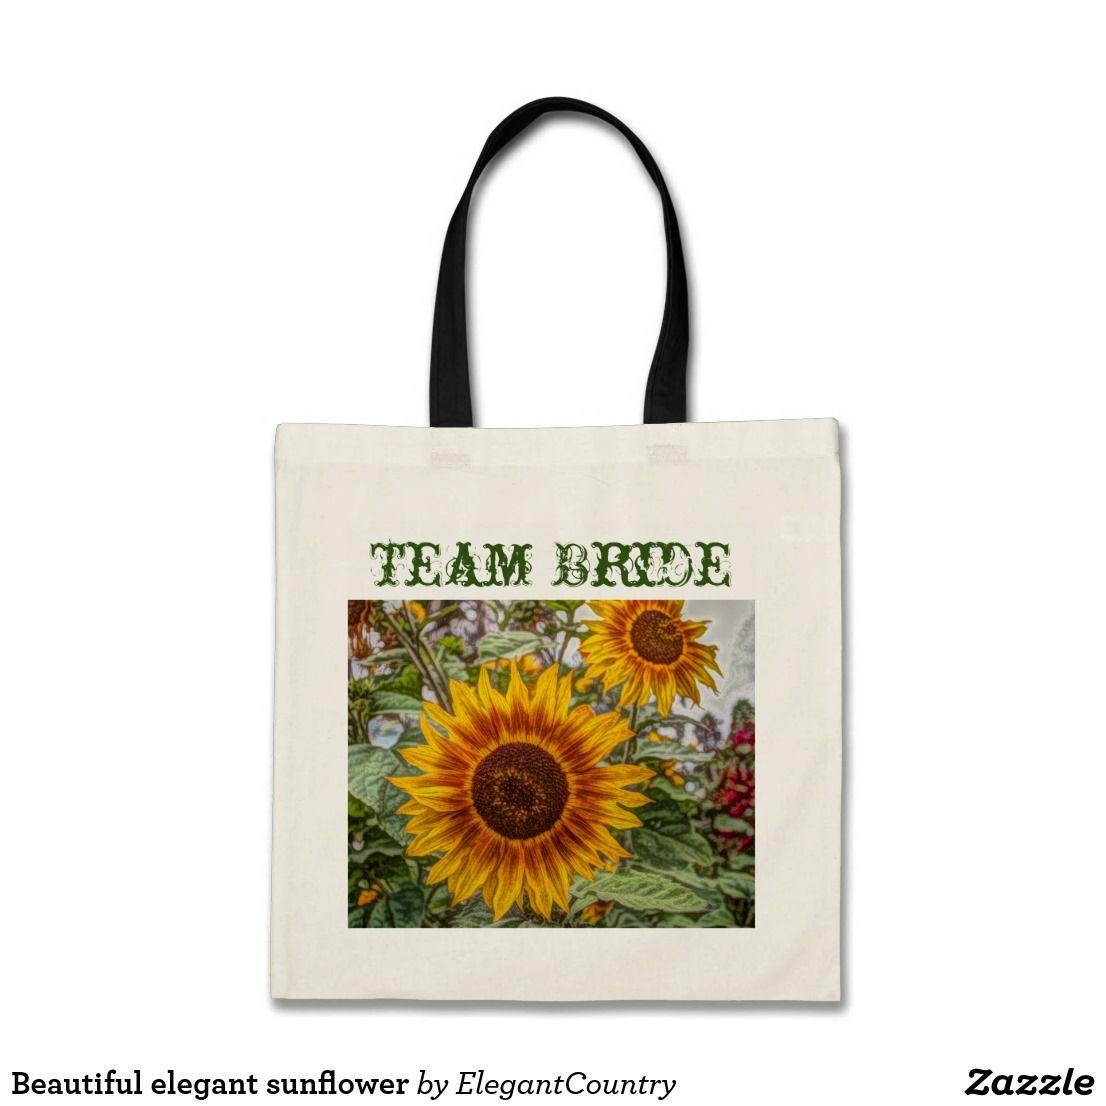 Beautiful elegant sunflower tote bag